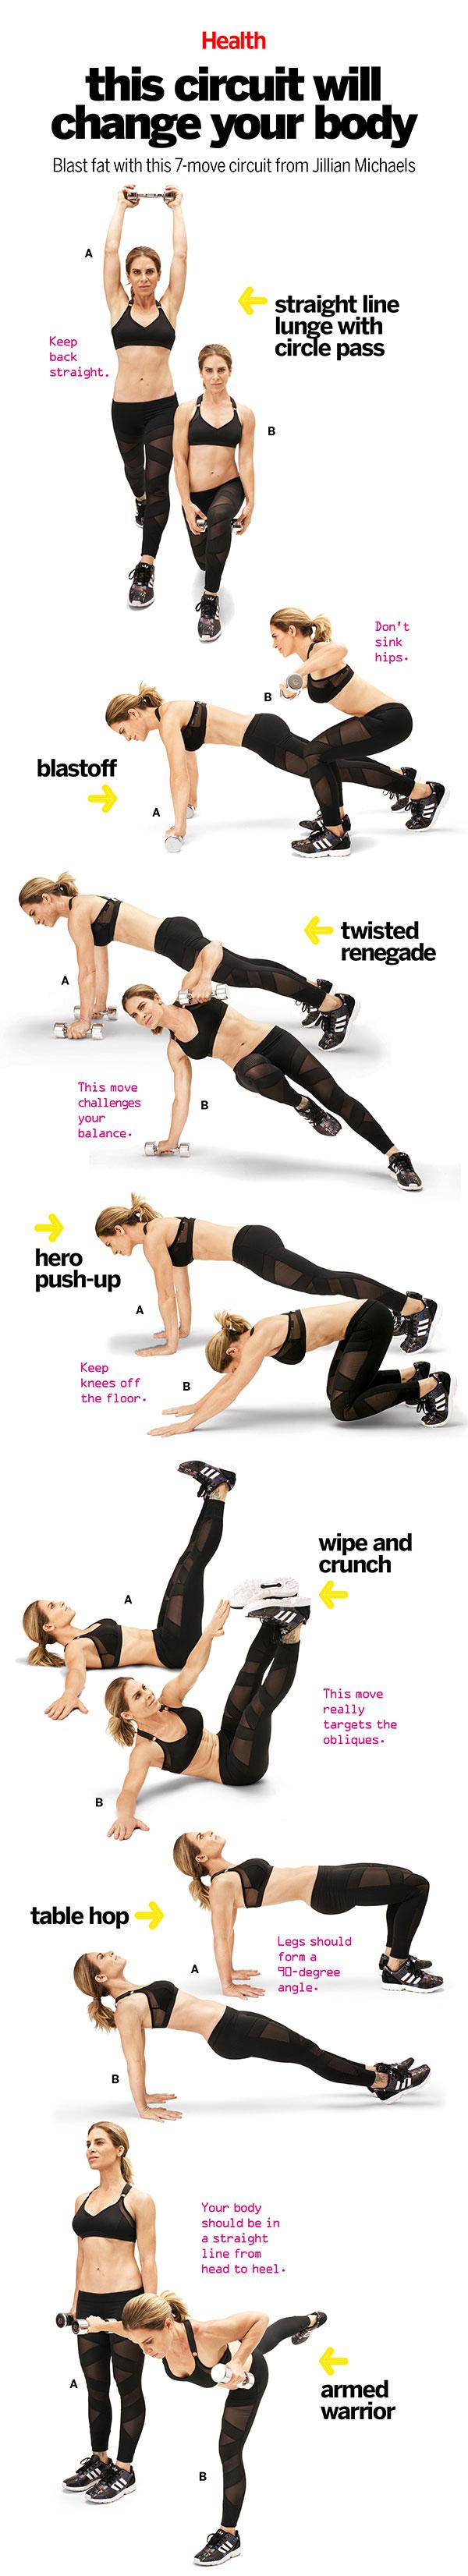 jillian-michaels-circuit-workout